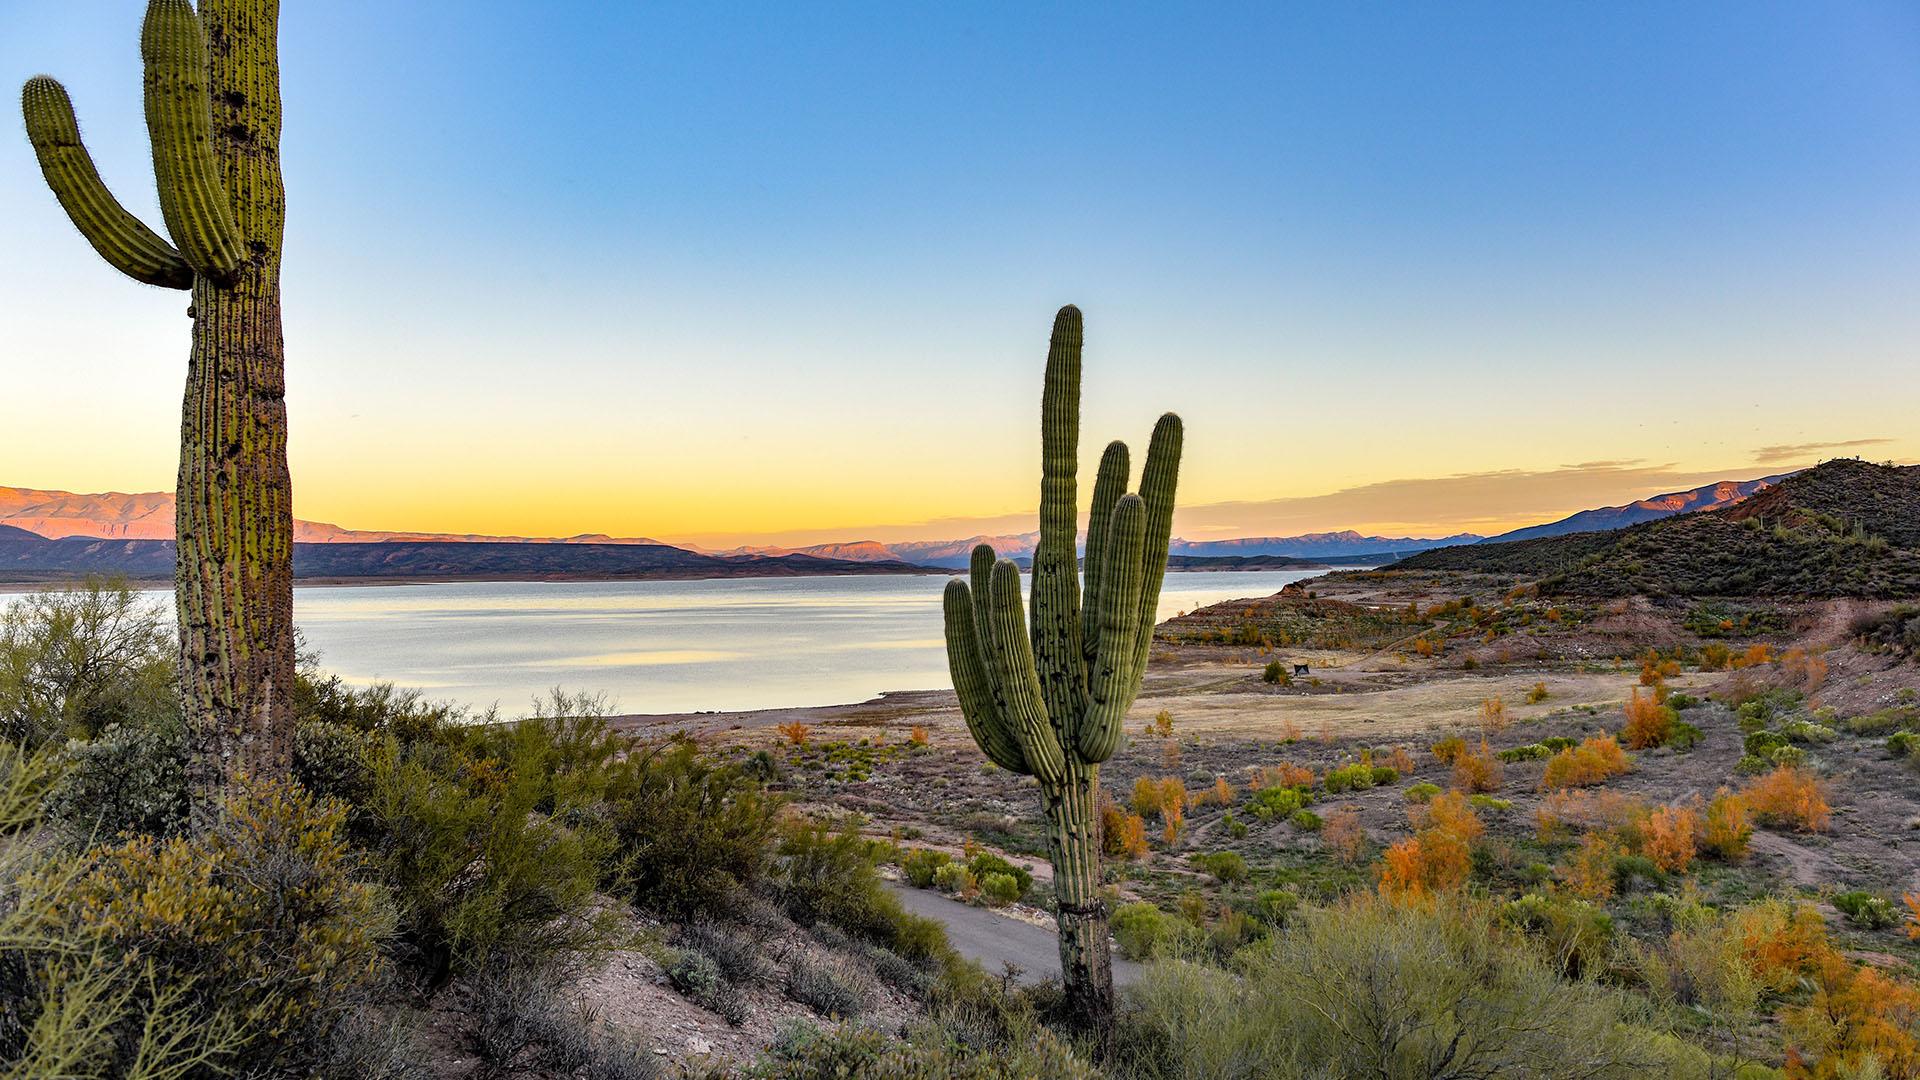 Arizona desert sun